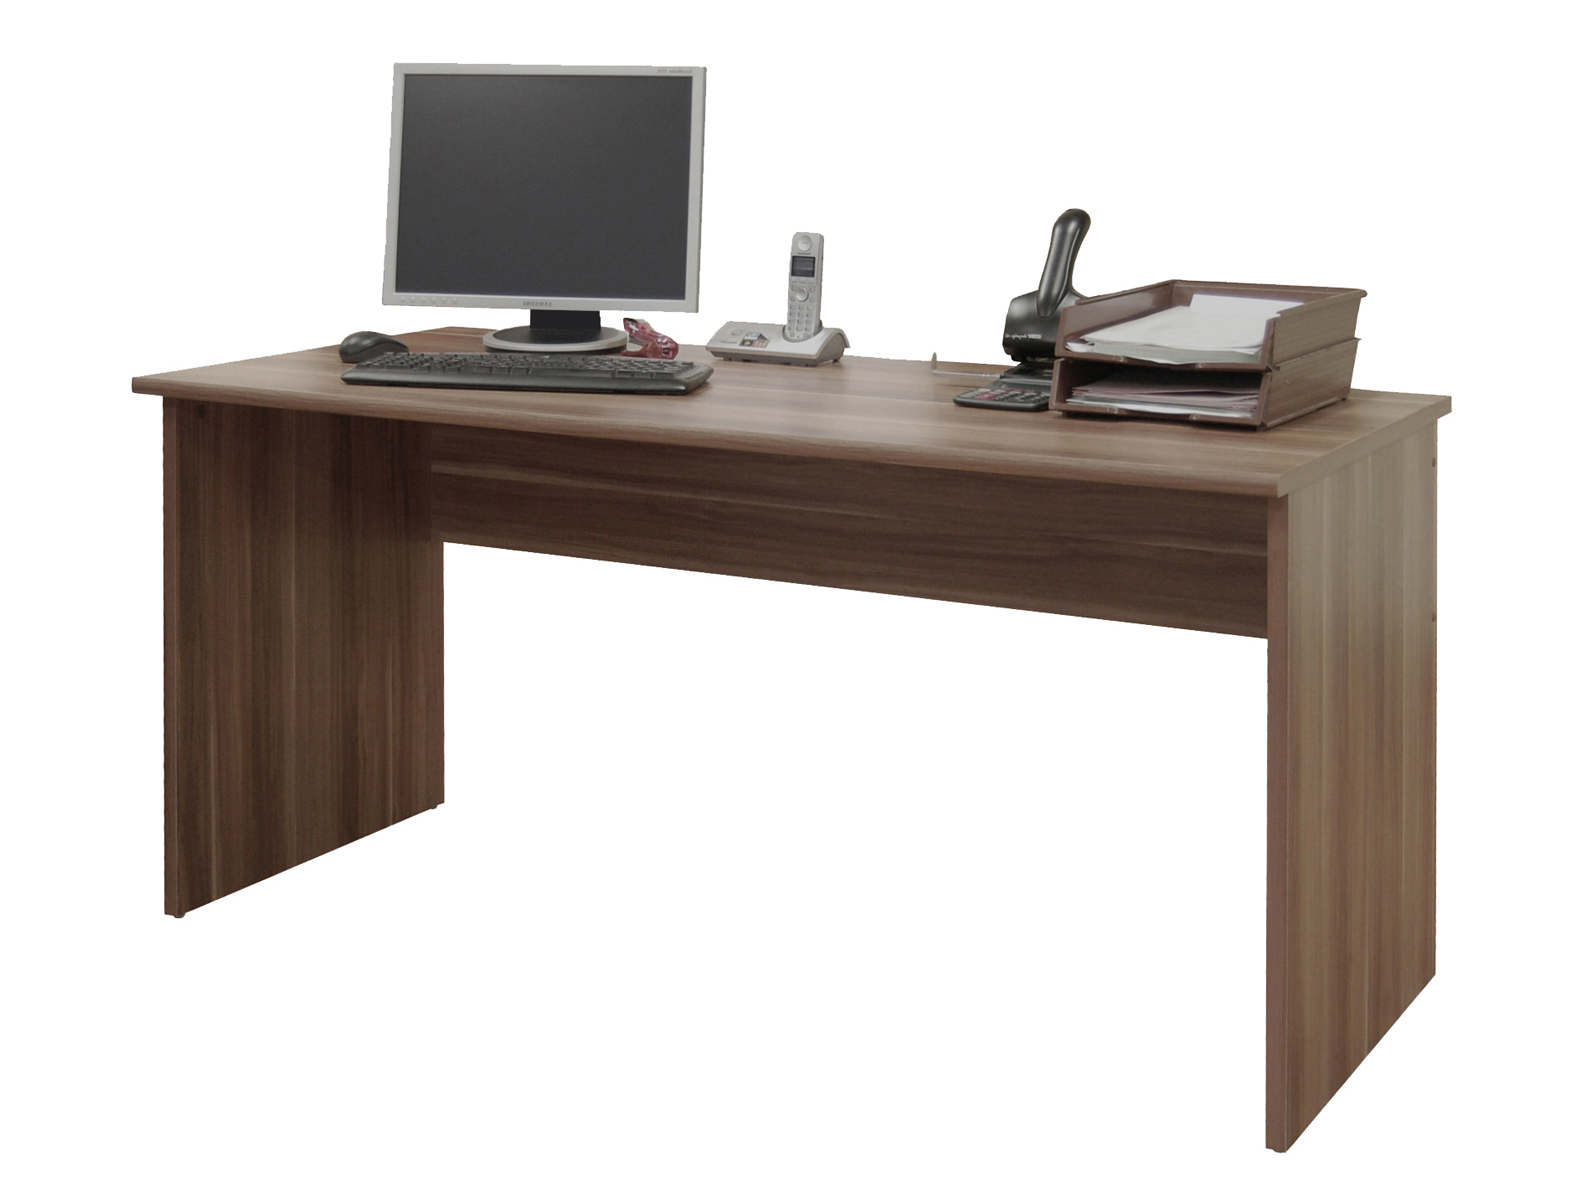 Písací stôl - Tempo Kondela - Johan 01. Sme autorizovaný predajca Tempo-Kondela. Vlastná spoľahlivá doprava až k Vám domov.